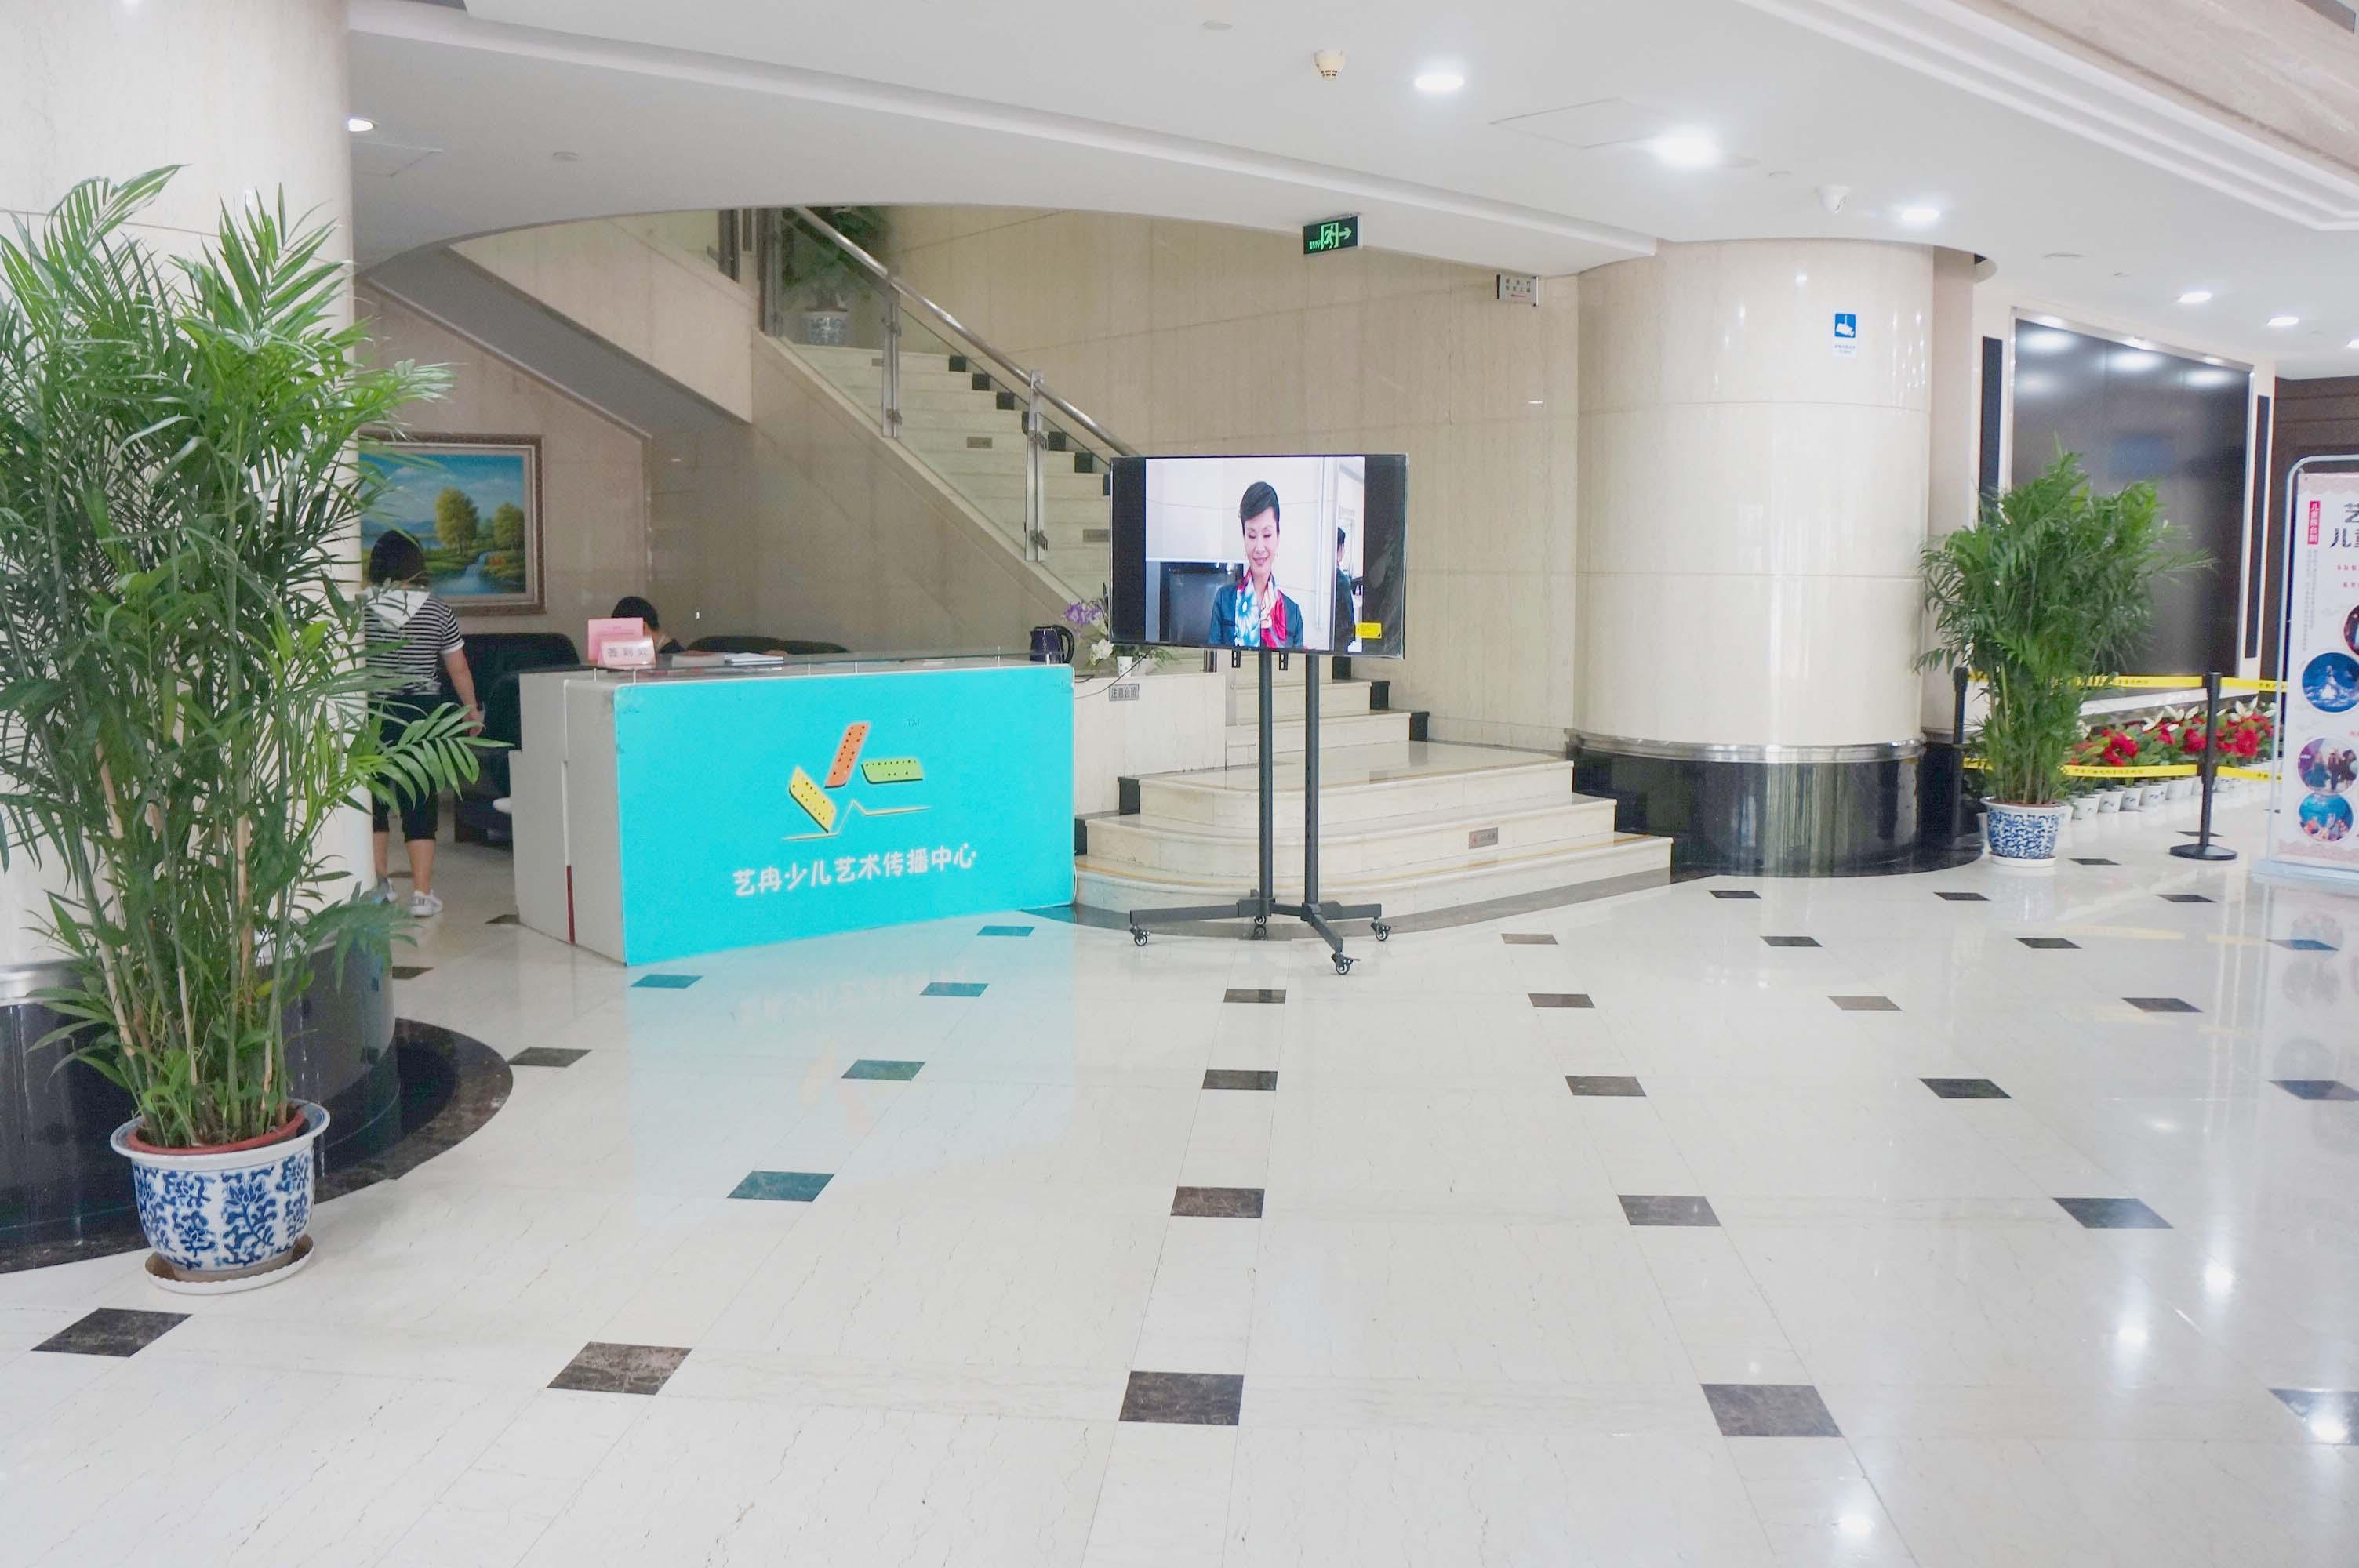 艺冉少儿艺术传播中心一楼大厅展示(3)